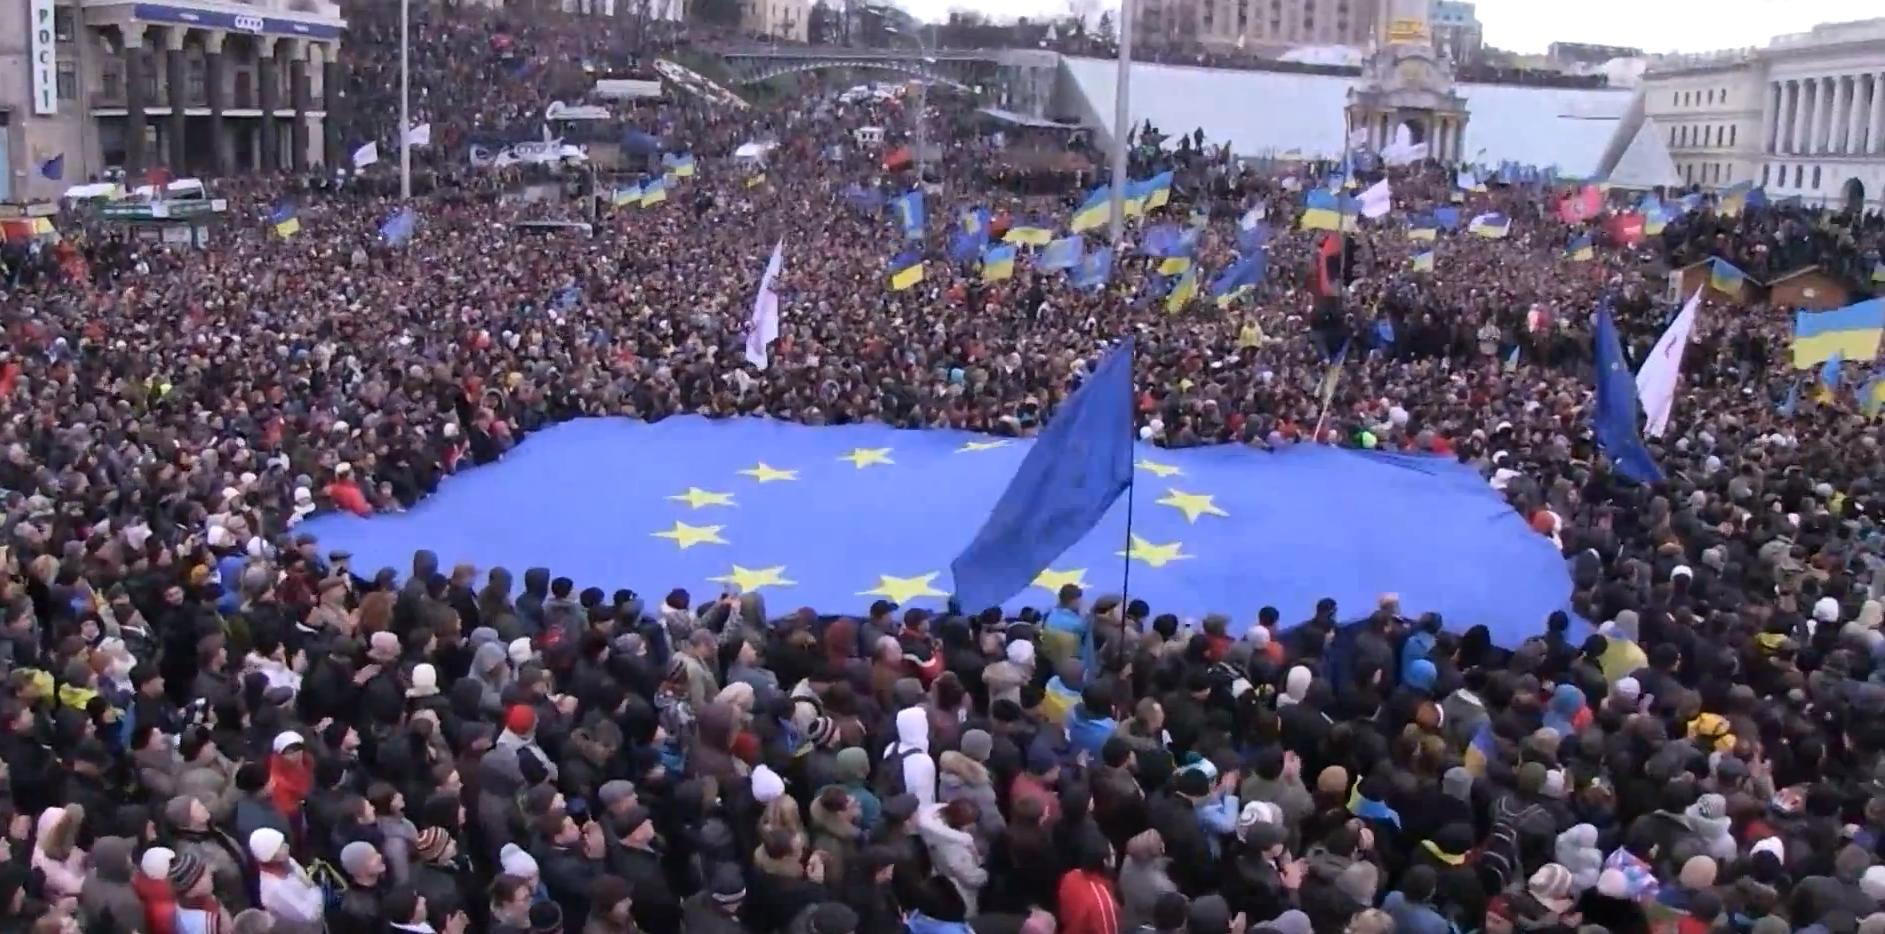 После разгона. Евромайдан, день 11-й: хроника